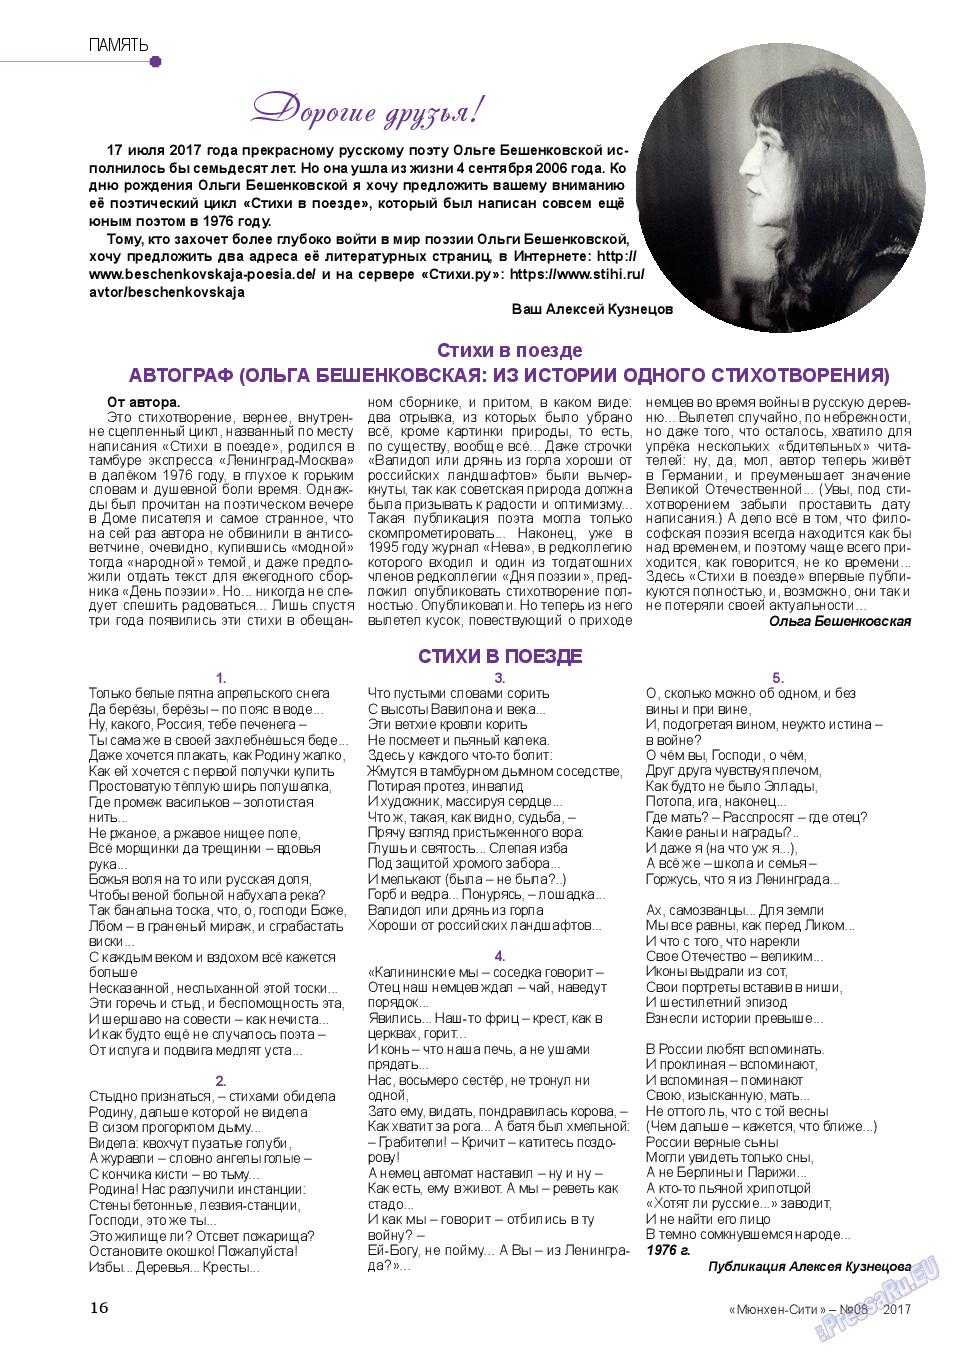 Мюнхен-сити (журнал). 2017 год, номер 8, стр. 16